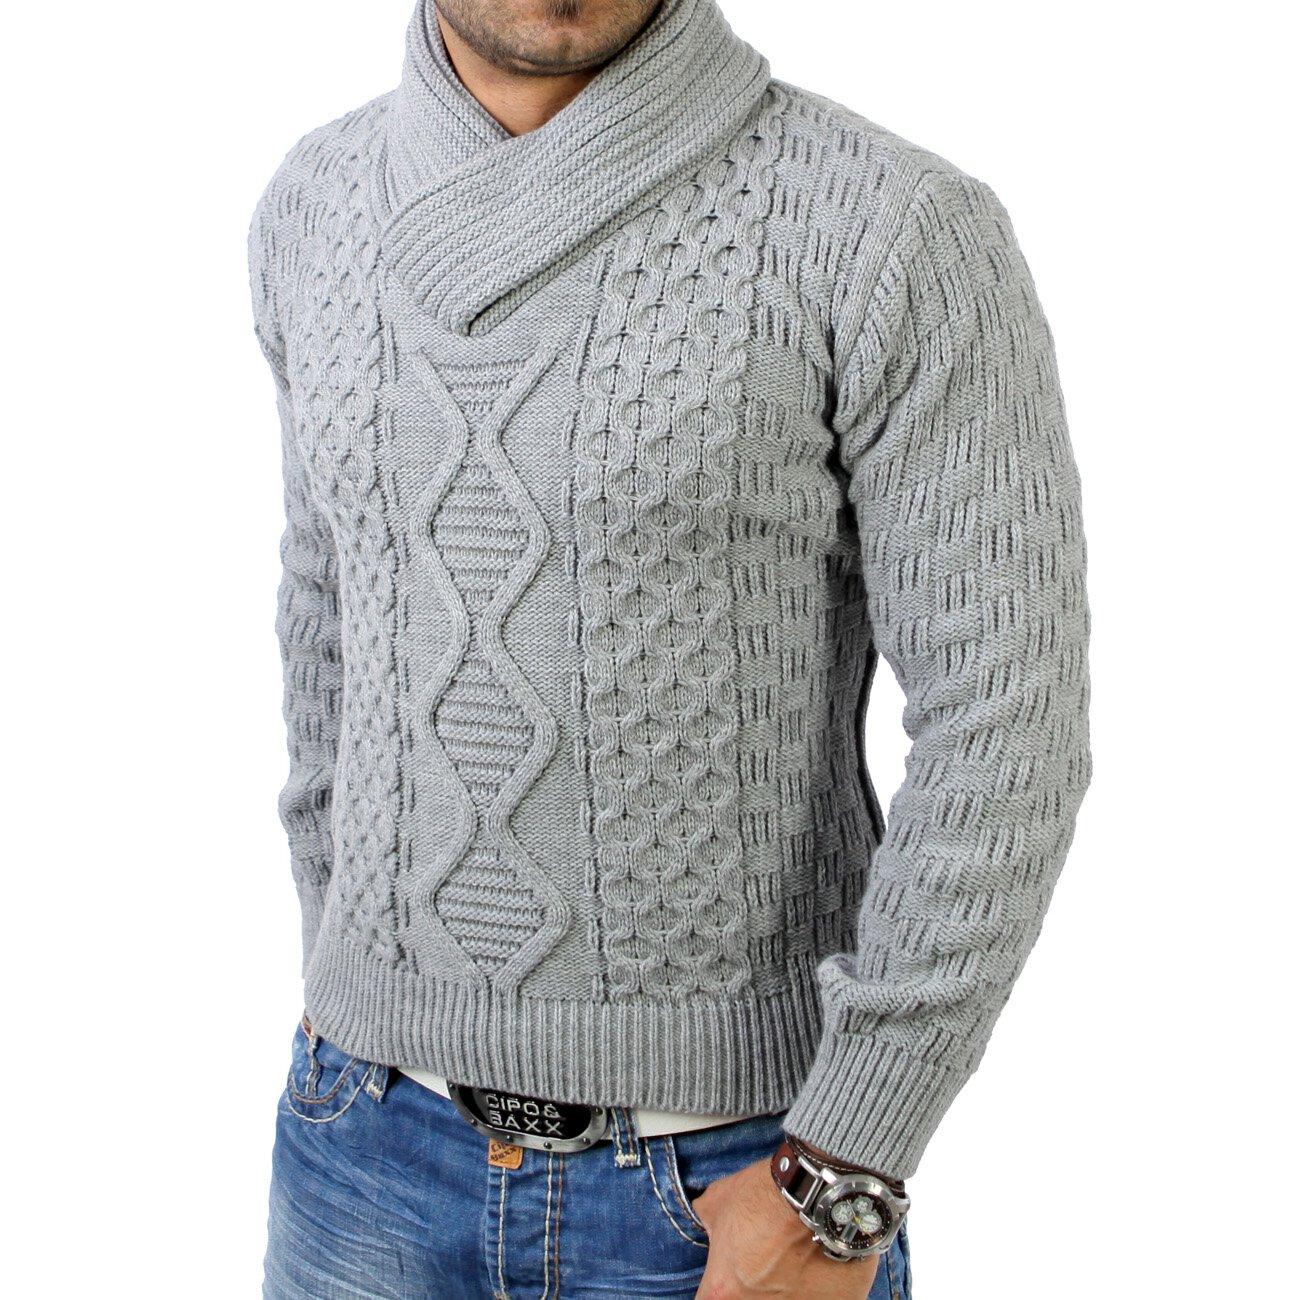 new product 2cc08 c39cf Tazzio Herren Schalkragen Strickpullover Winter Pullover TZ-3500